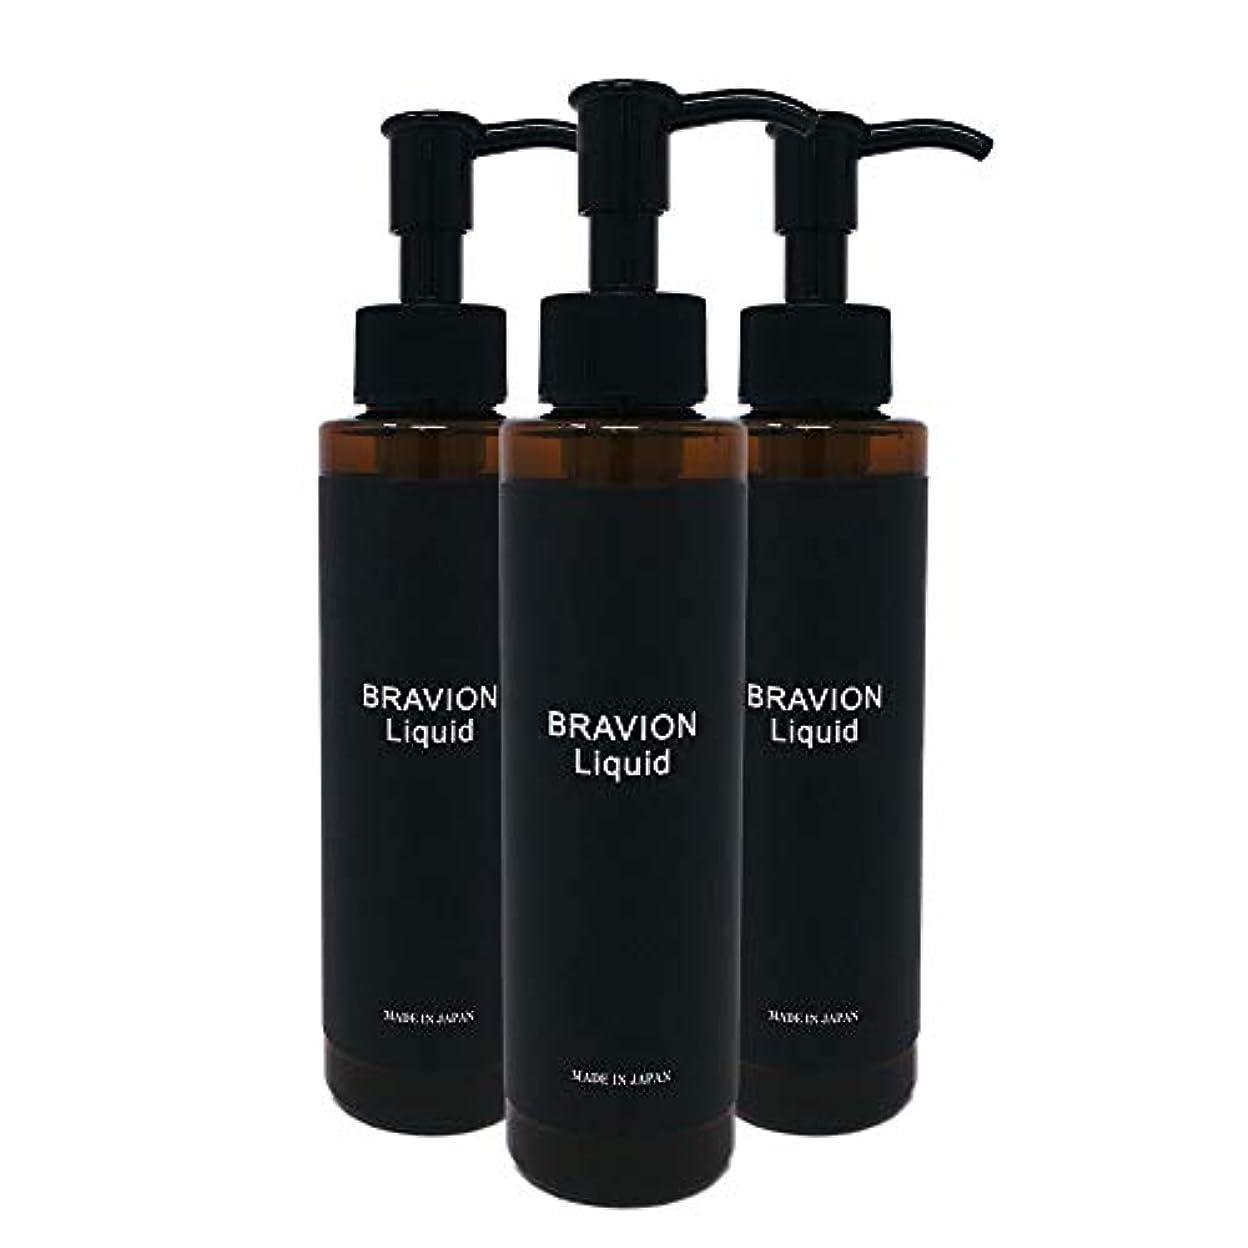 安全でない評価可能保持するBRAVION Liquid (ブラビオンリキッド) 公式通販_150mg 3本セット